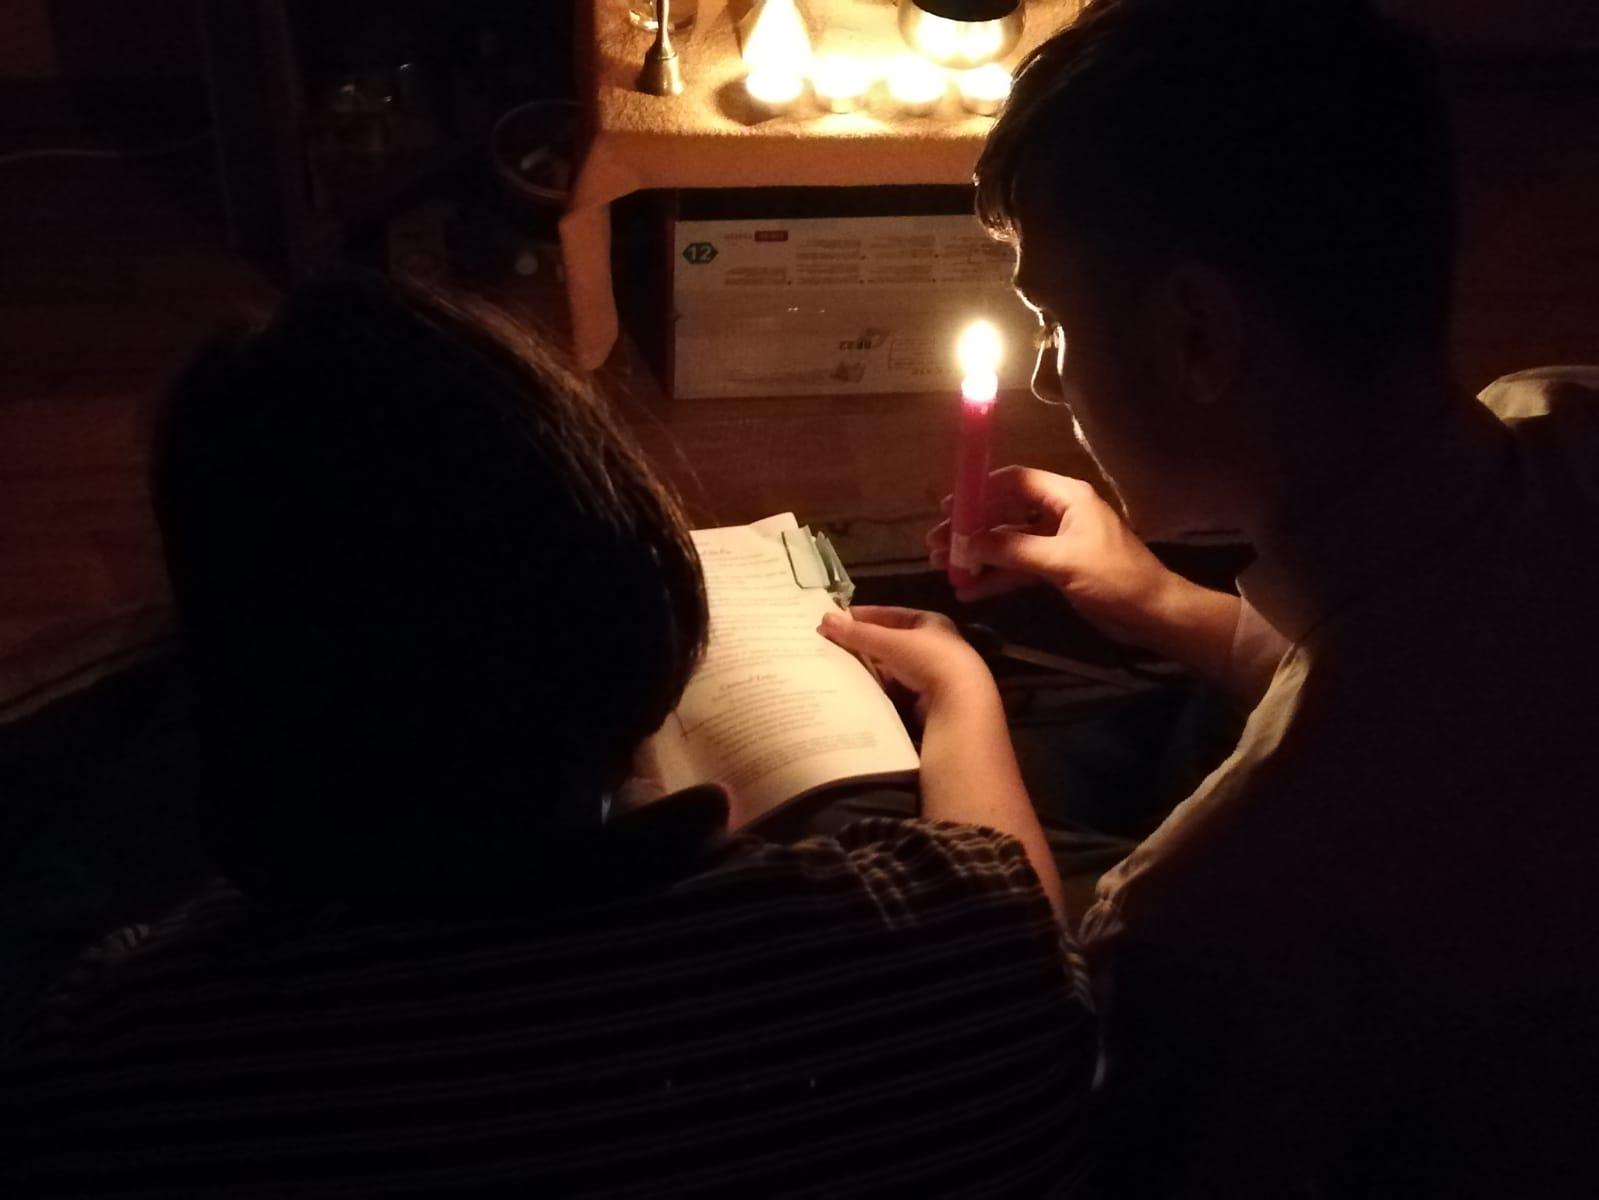 Cosmin et Mona récitent leurs prières, éclairés par des bougies © Grégoire Dao